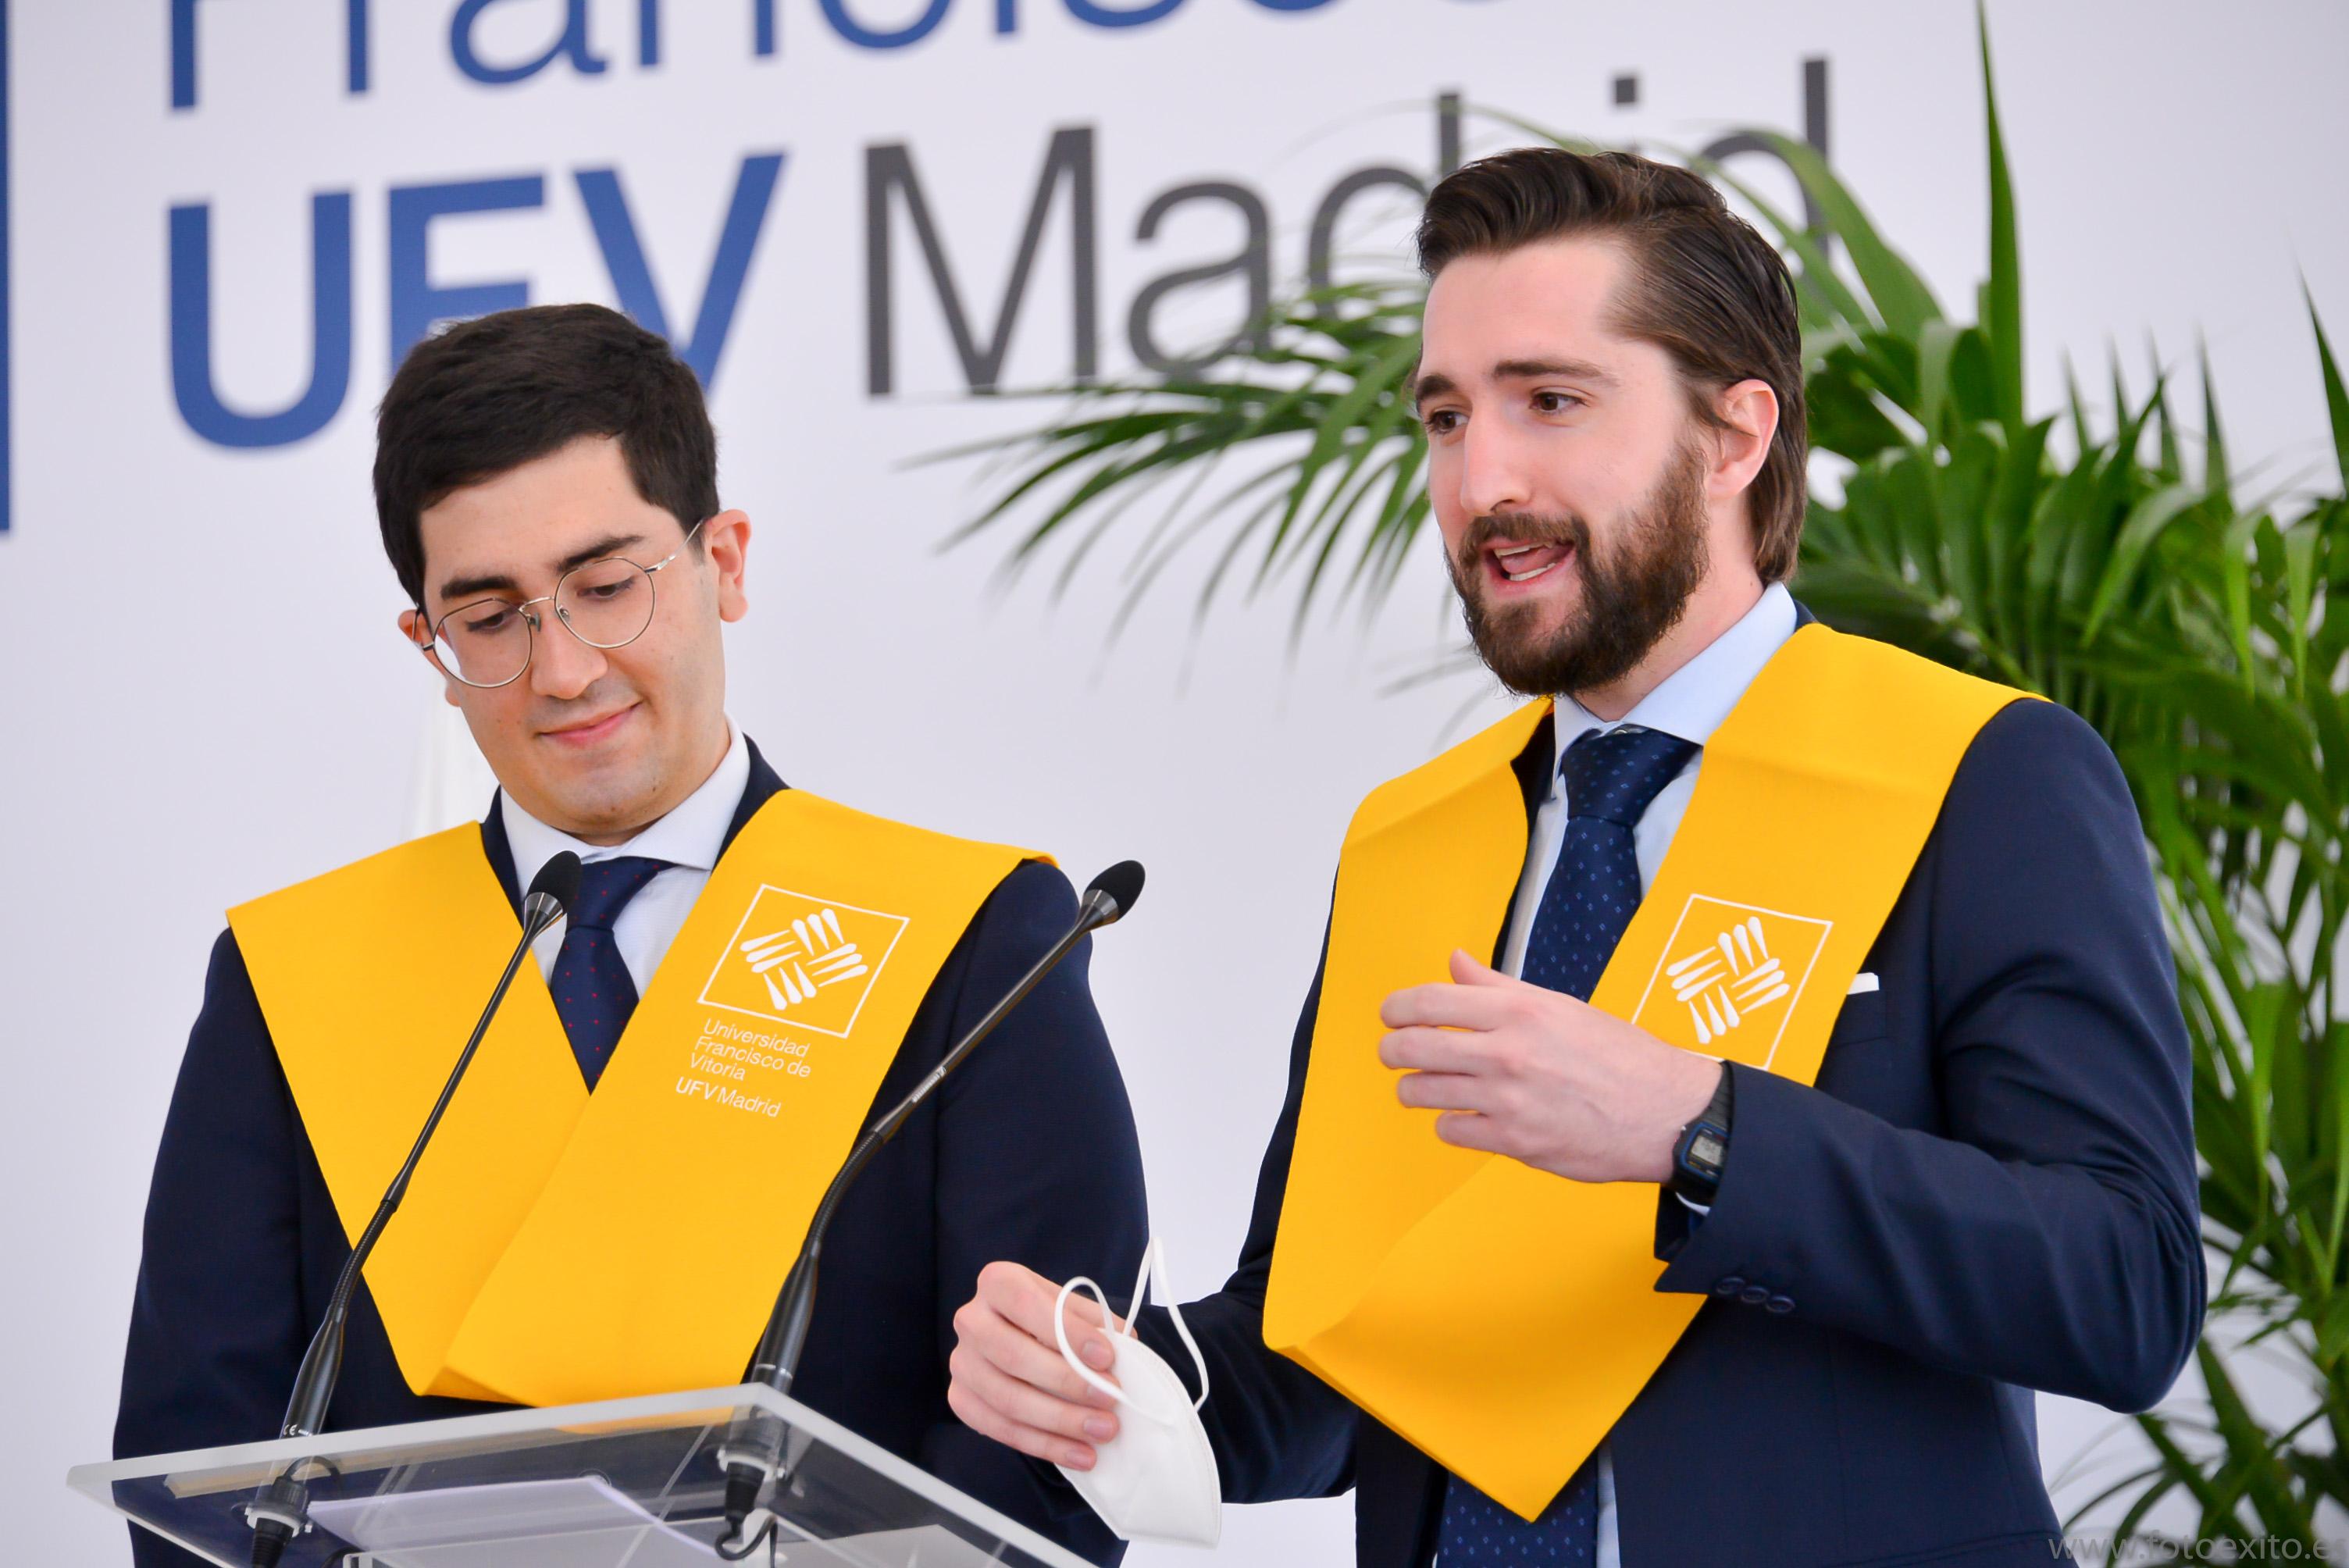 210605UFVPM 0655 Actos académicos Estudiar en Universidad Privada Madrid